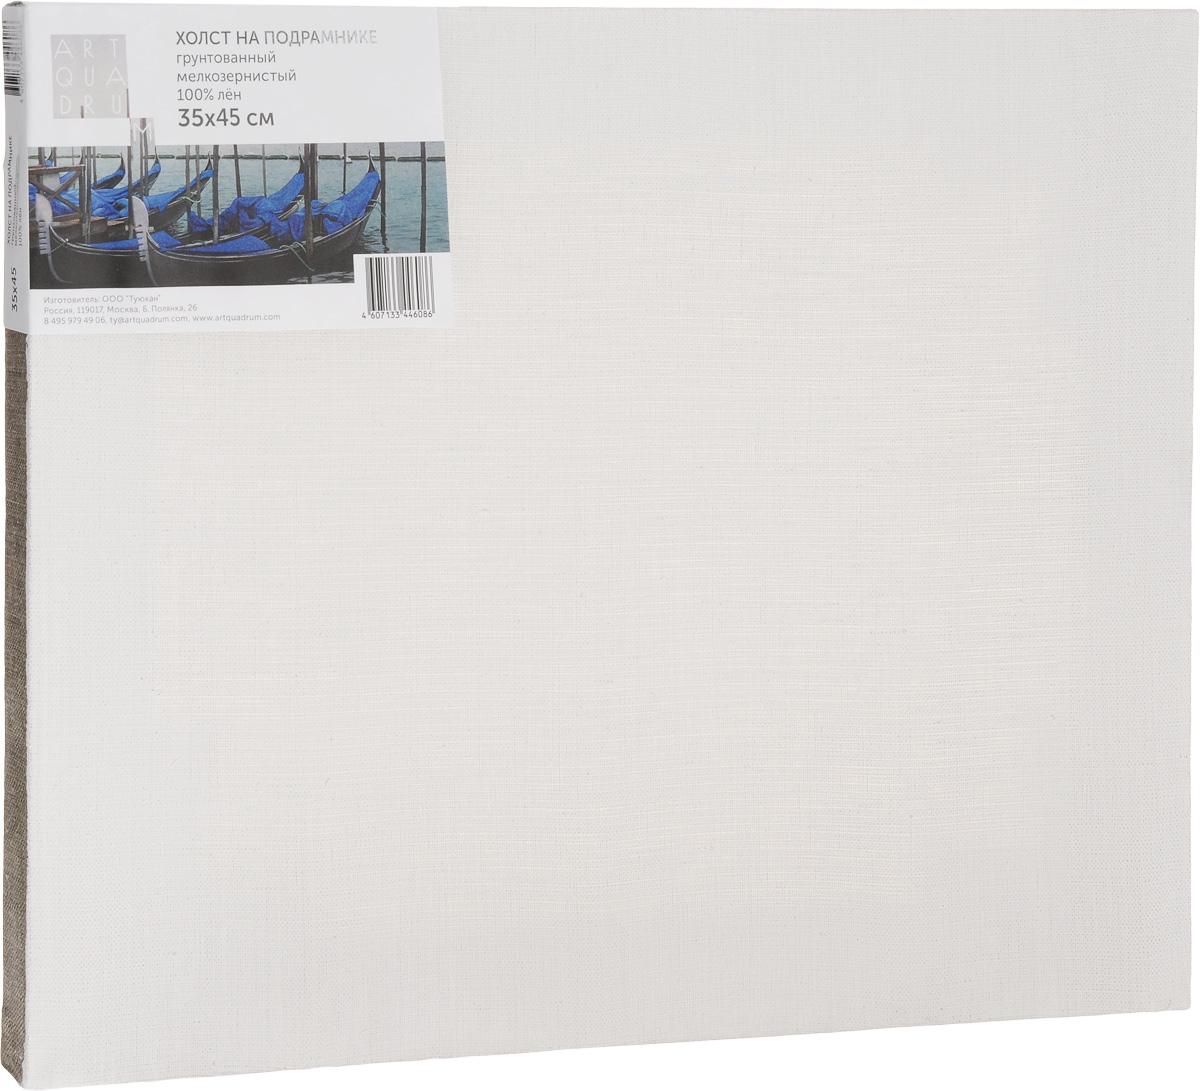 Холст на подрамнике Туюкан Мелкозернистый, 35 х 45 смТ0003830Холст для живописи грунтованный на подрамнике. Идеально подходит для работы маслом, акрилом. 100% лен.